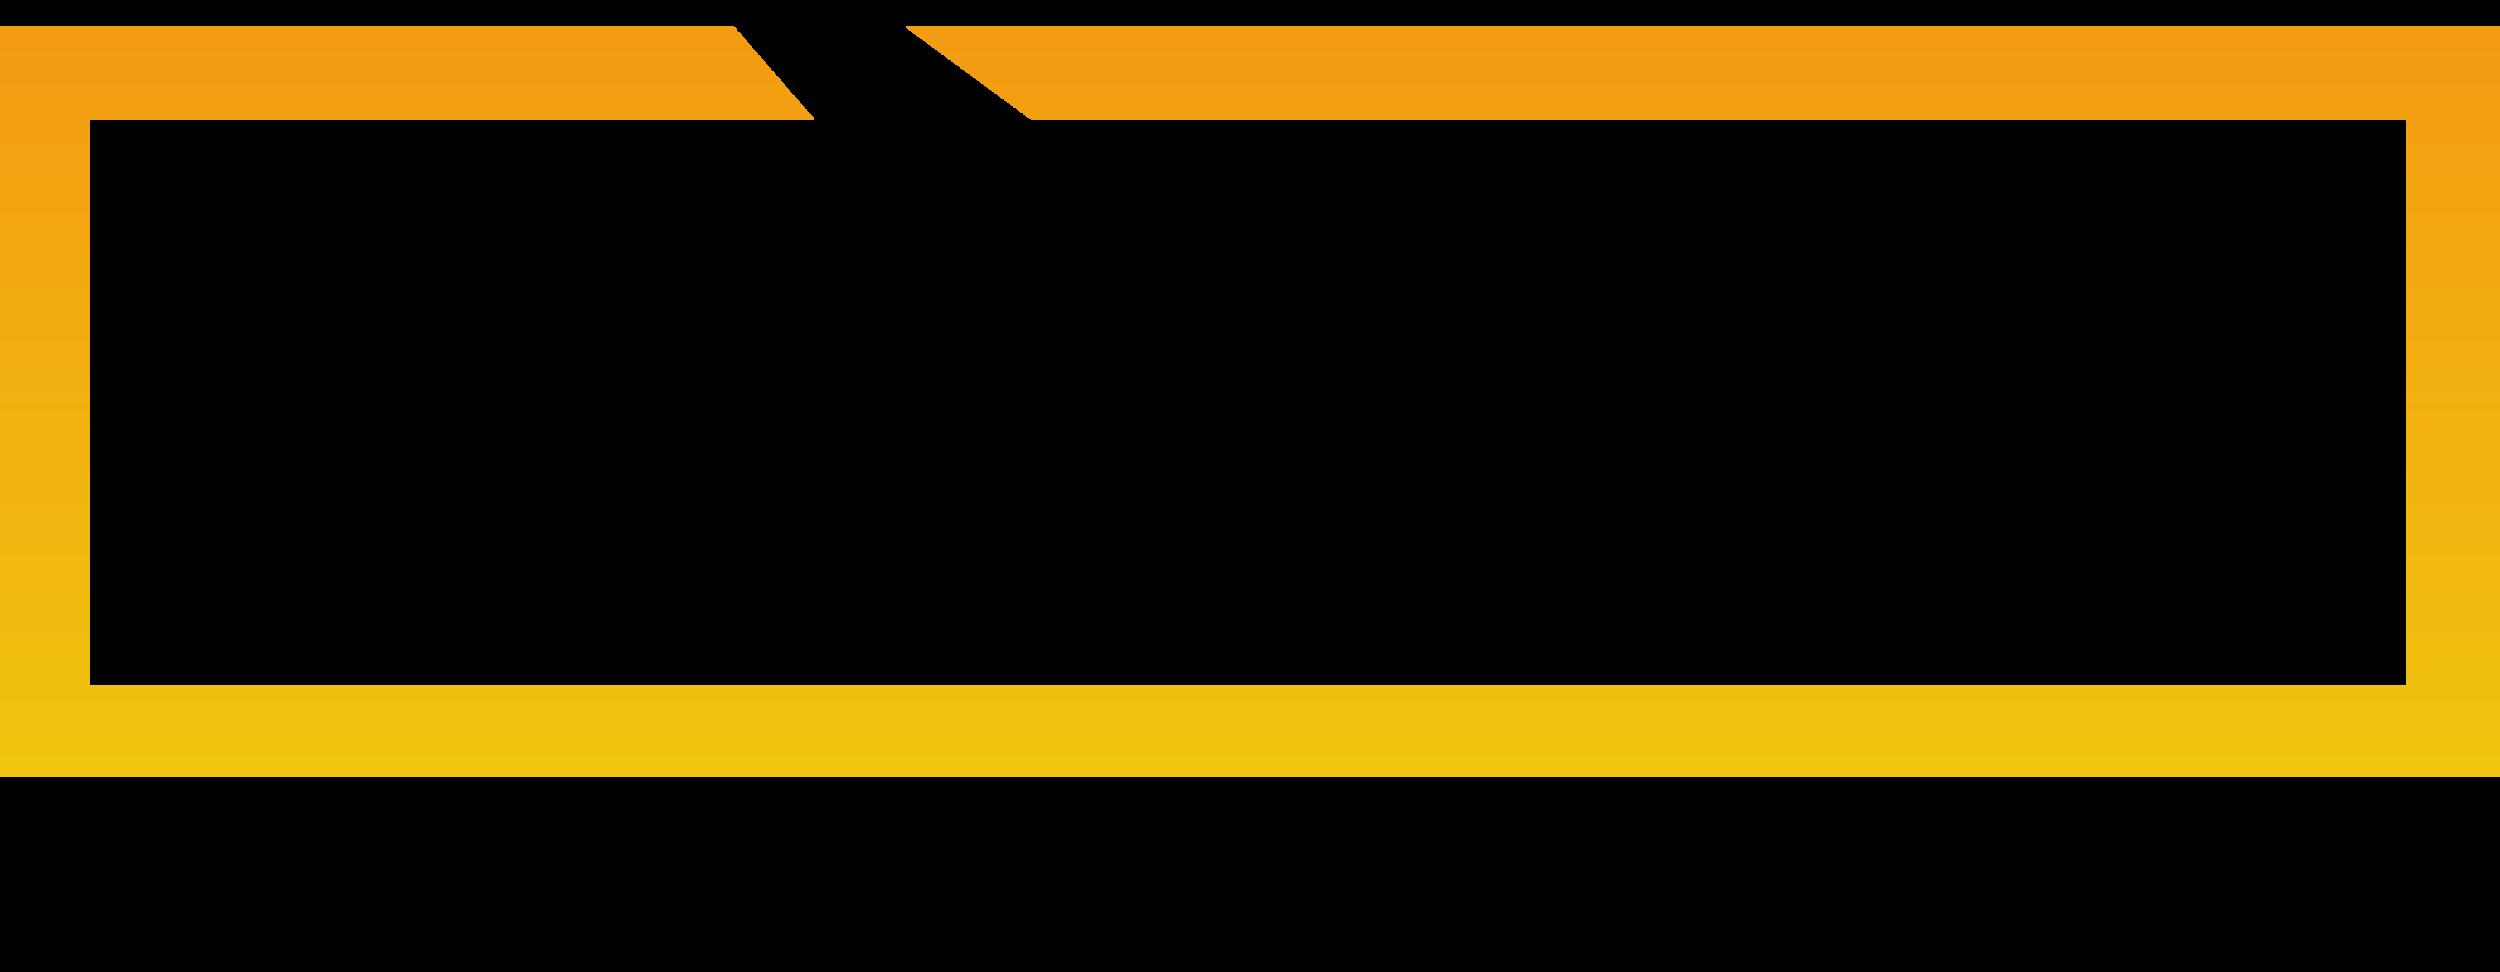 Fuse-logo-black.png